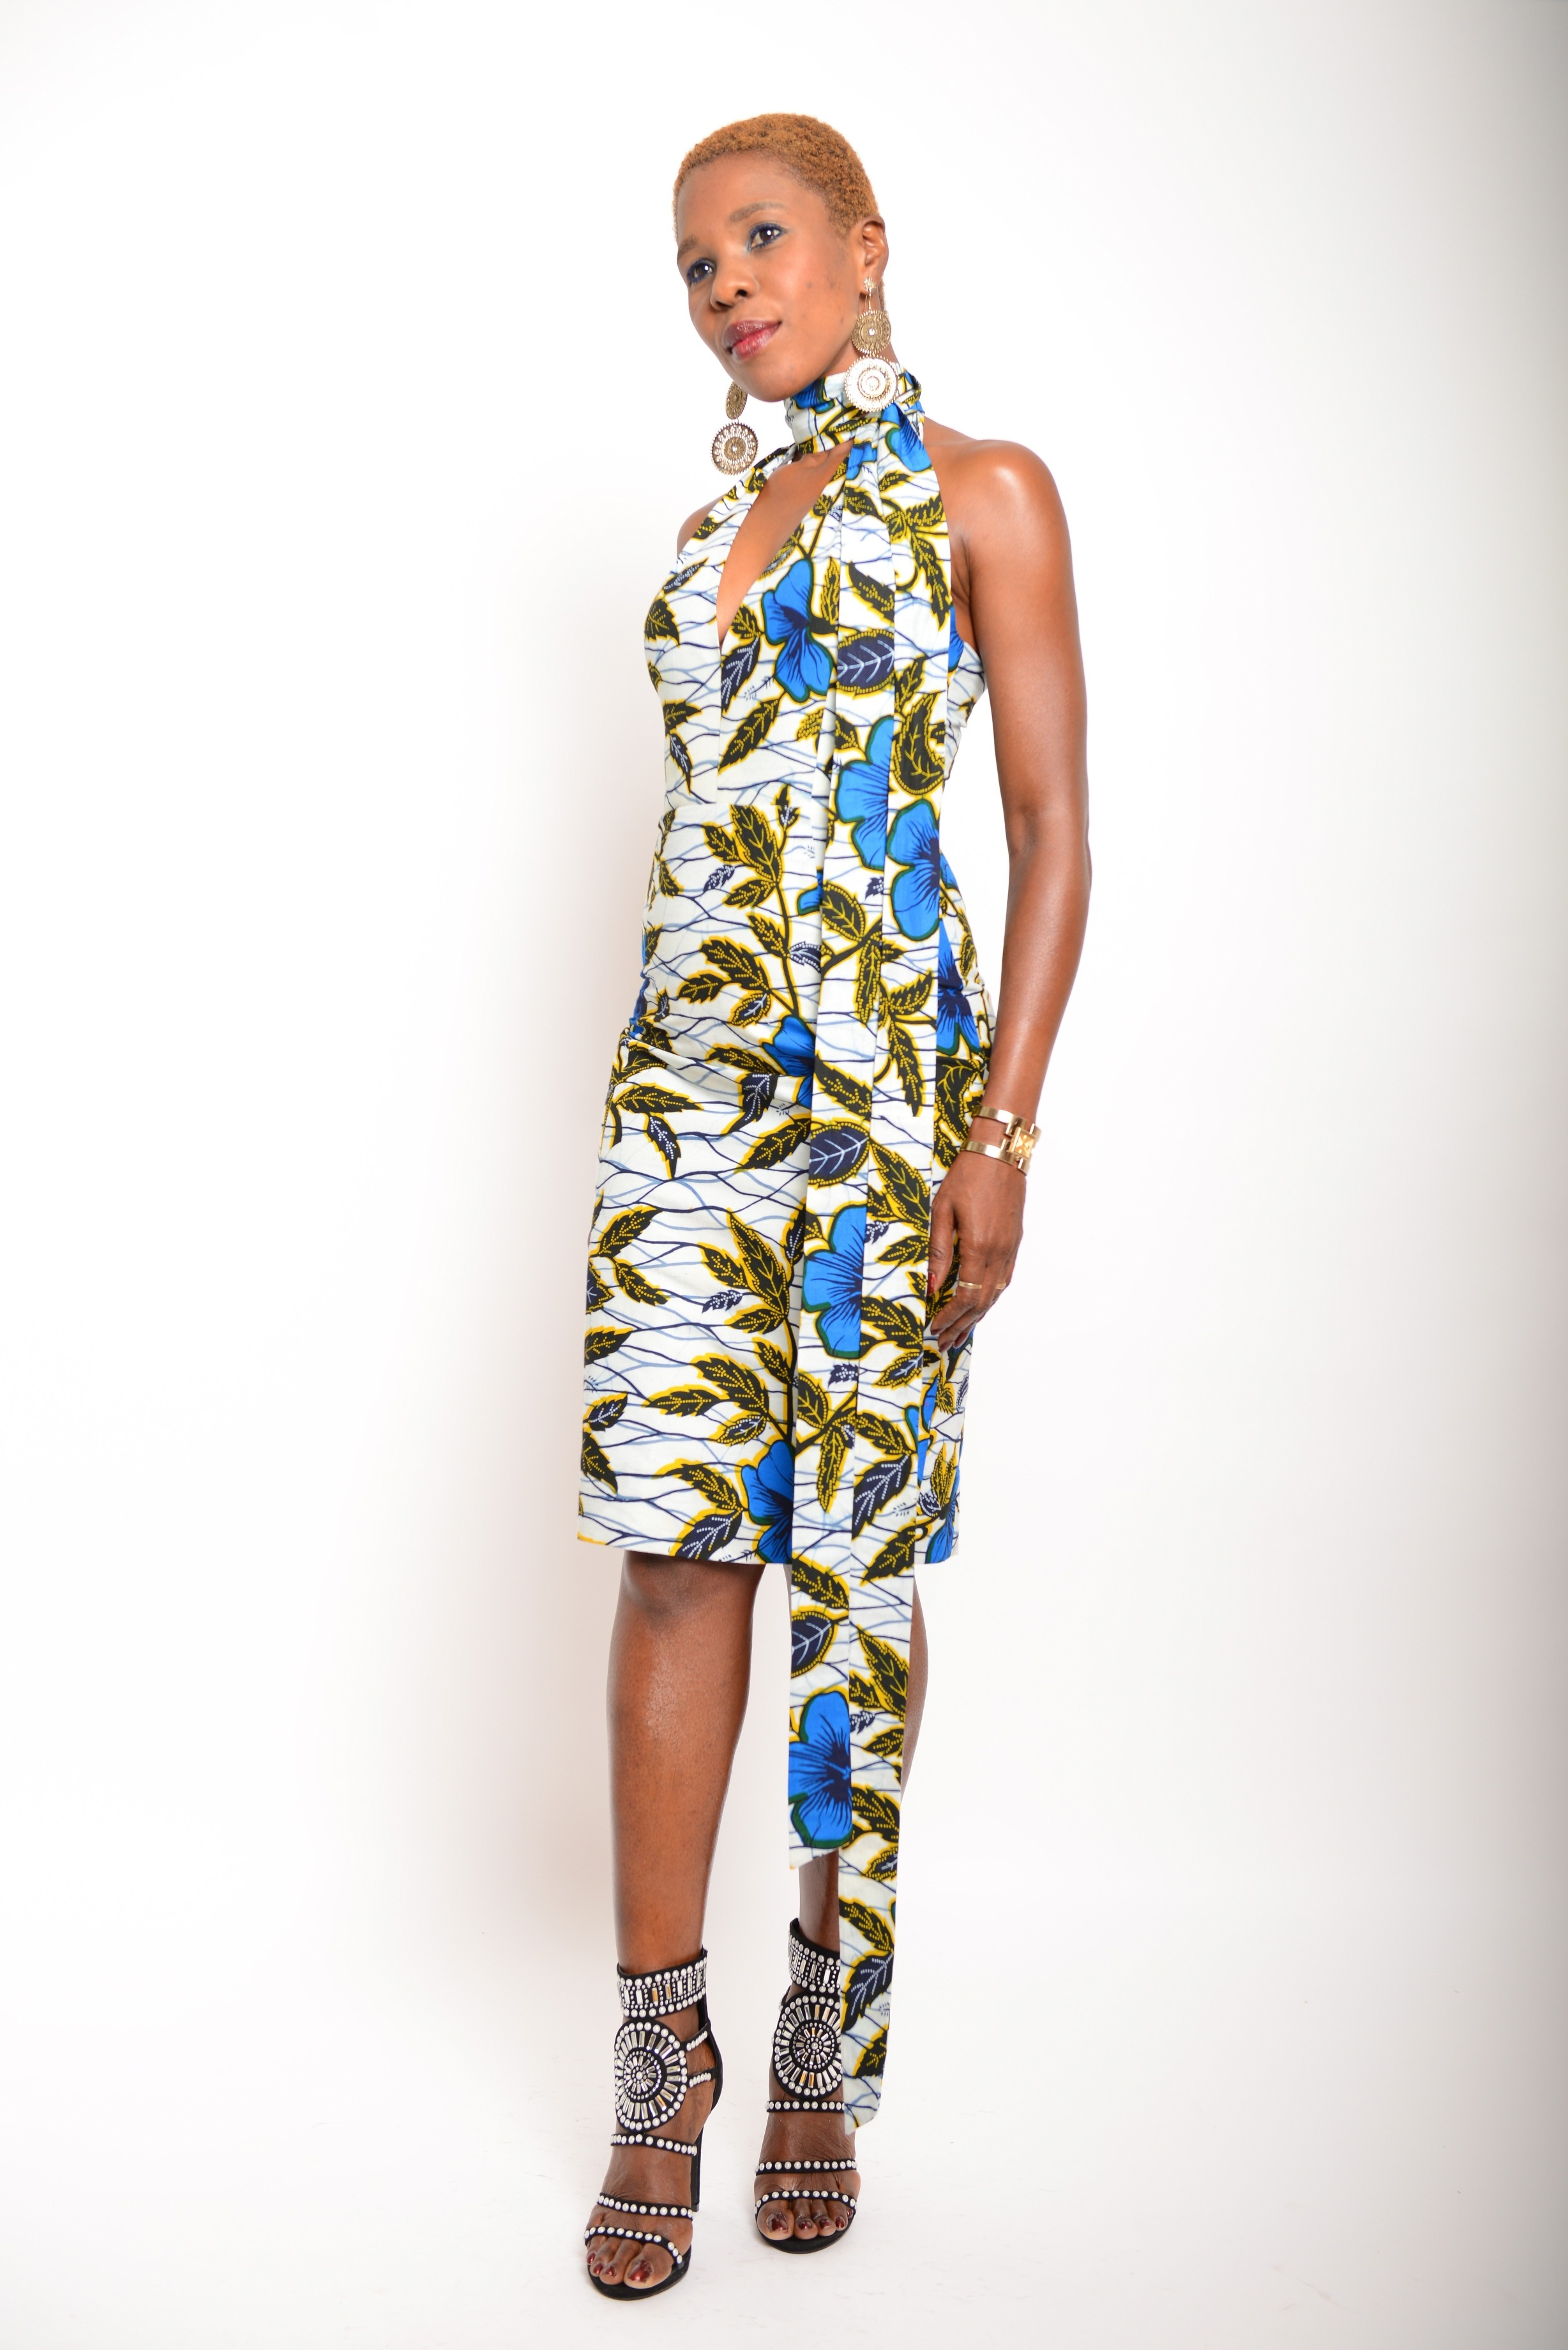 Schön Mode Kleider Stylish10 Coolste Mode Kleider Galerie